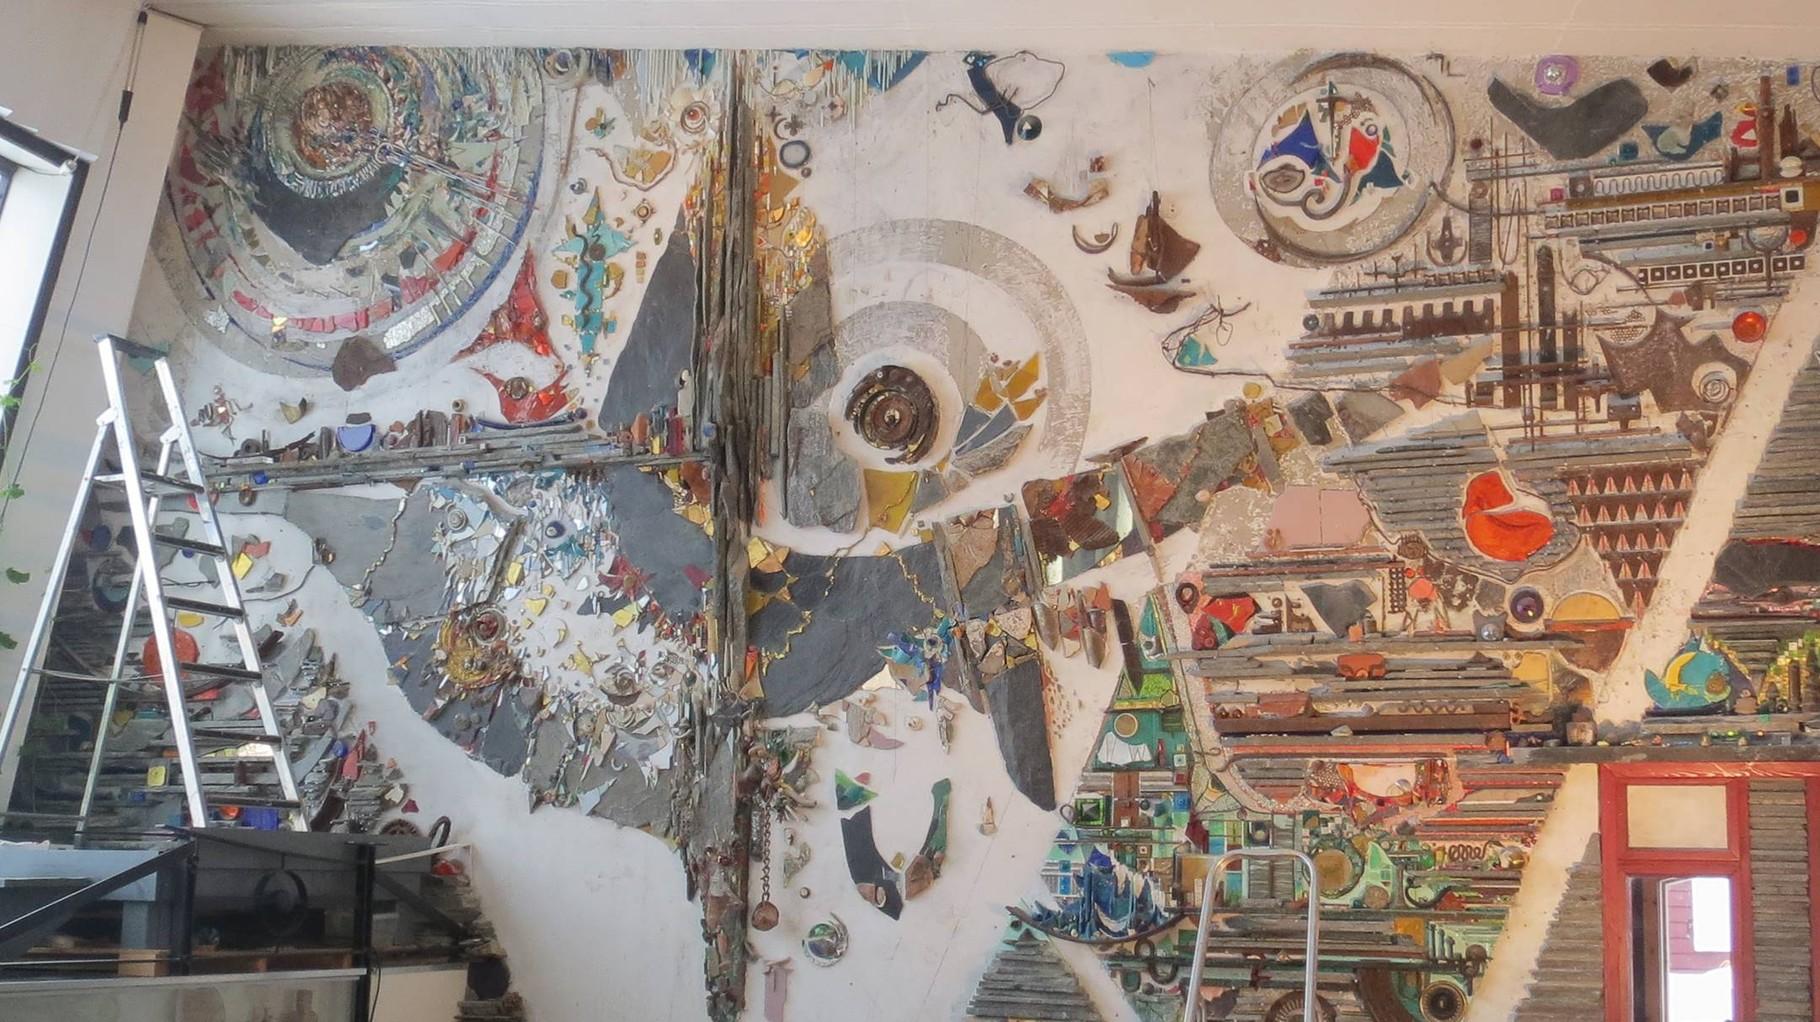 Inzwischen werden die von Eis, Schnee und Flechten der Tundra inspirierten Muster sogar als riesige Mosaike angefertigt.